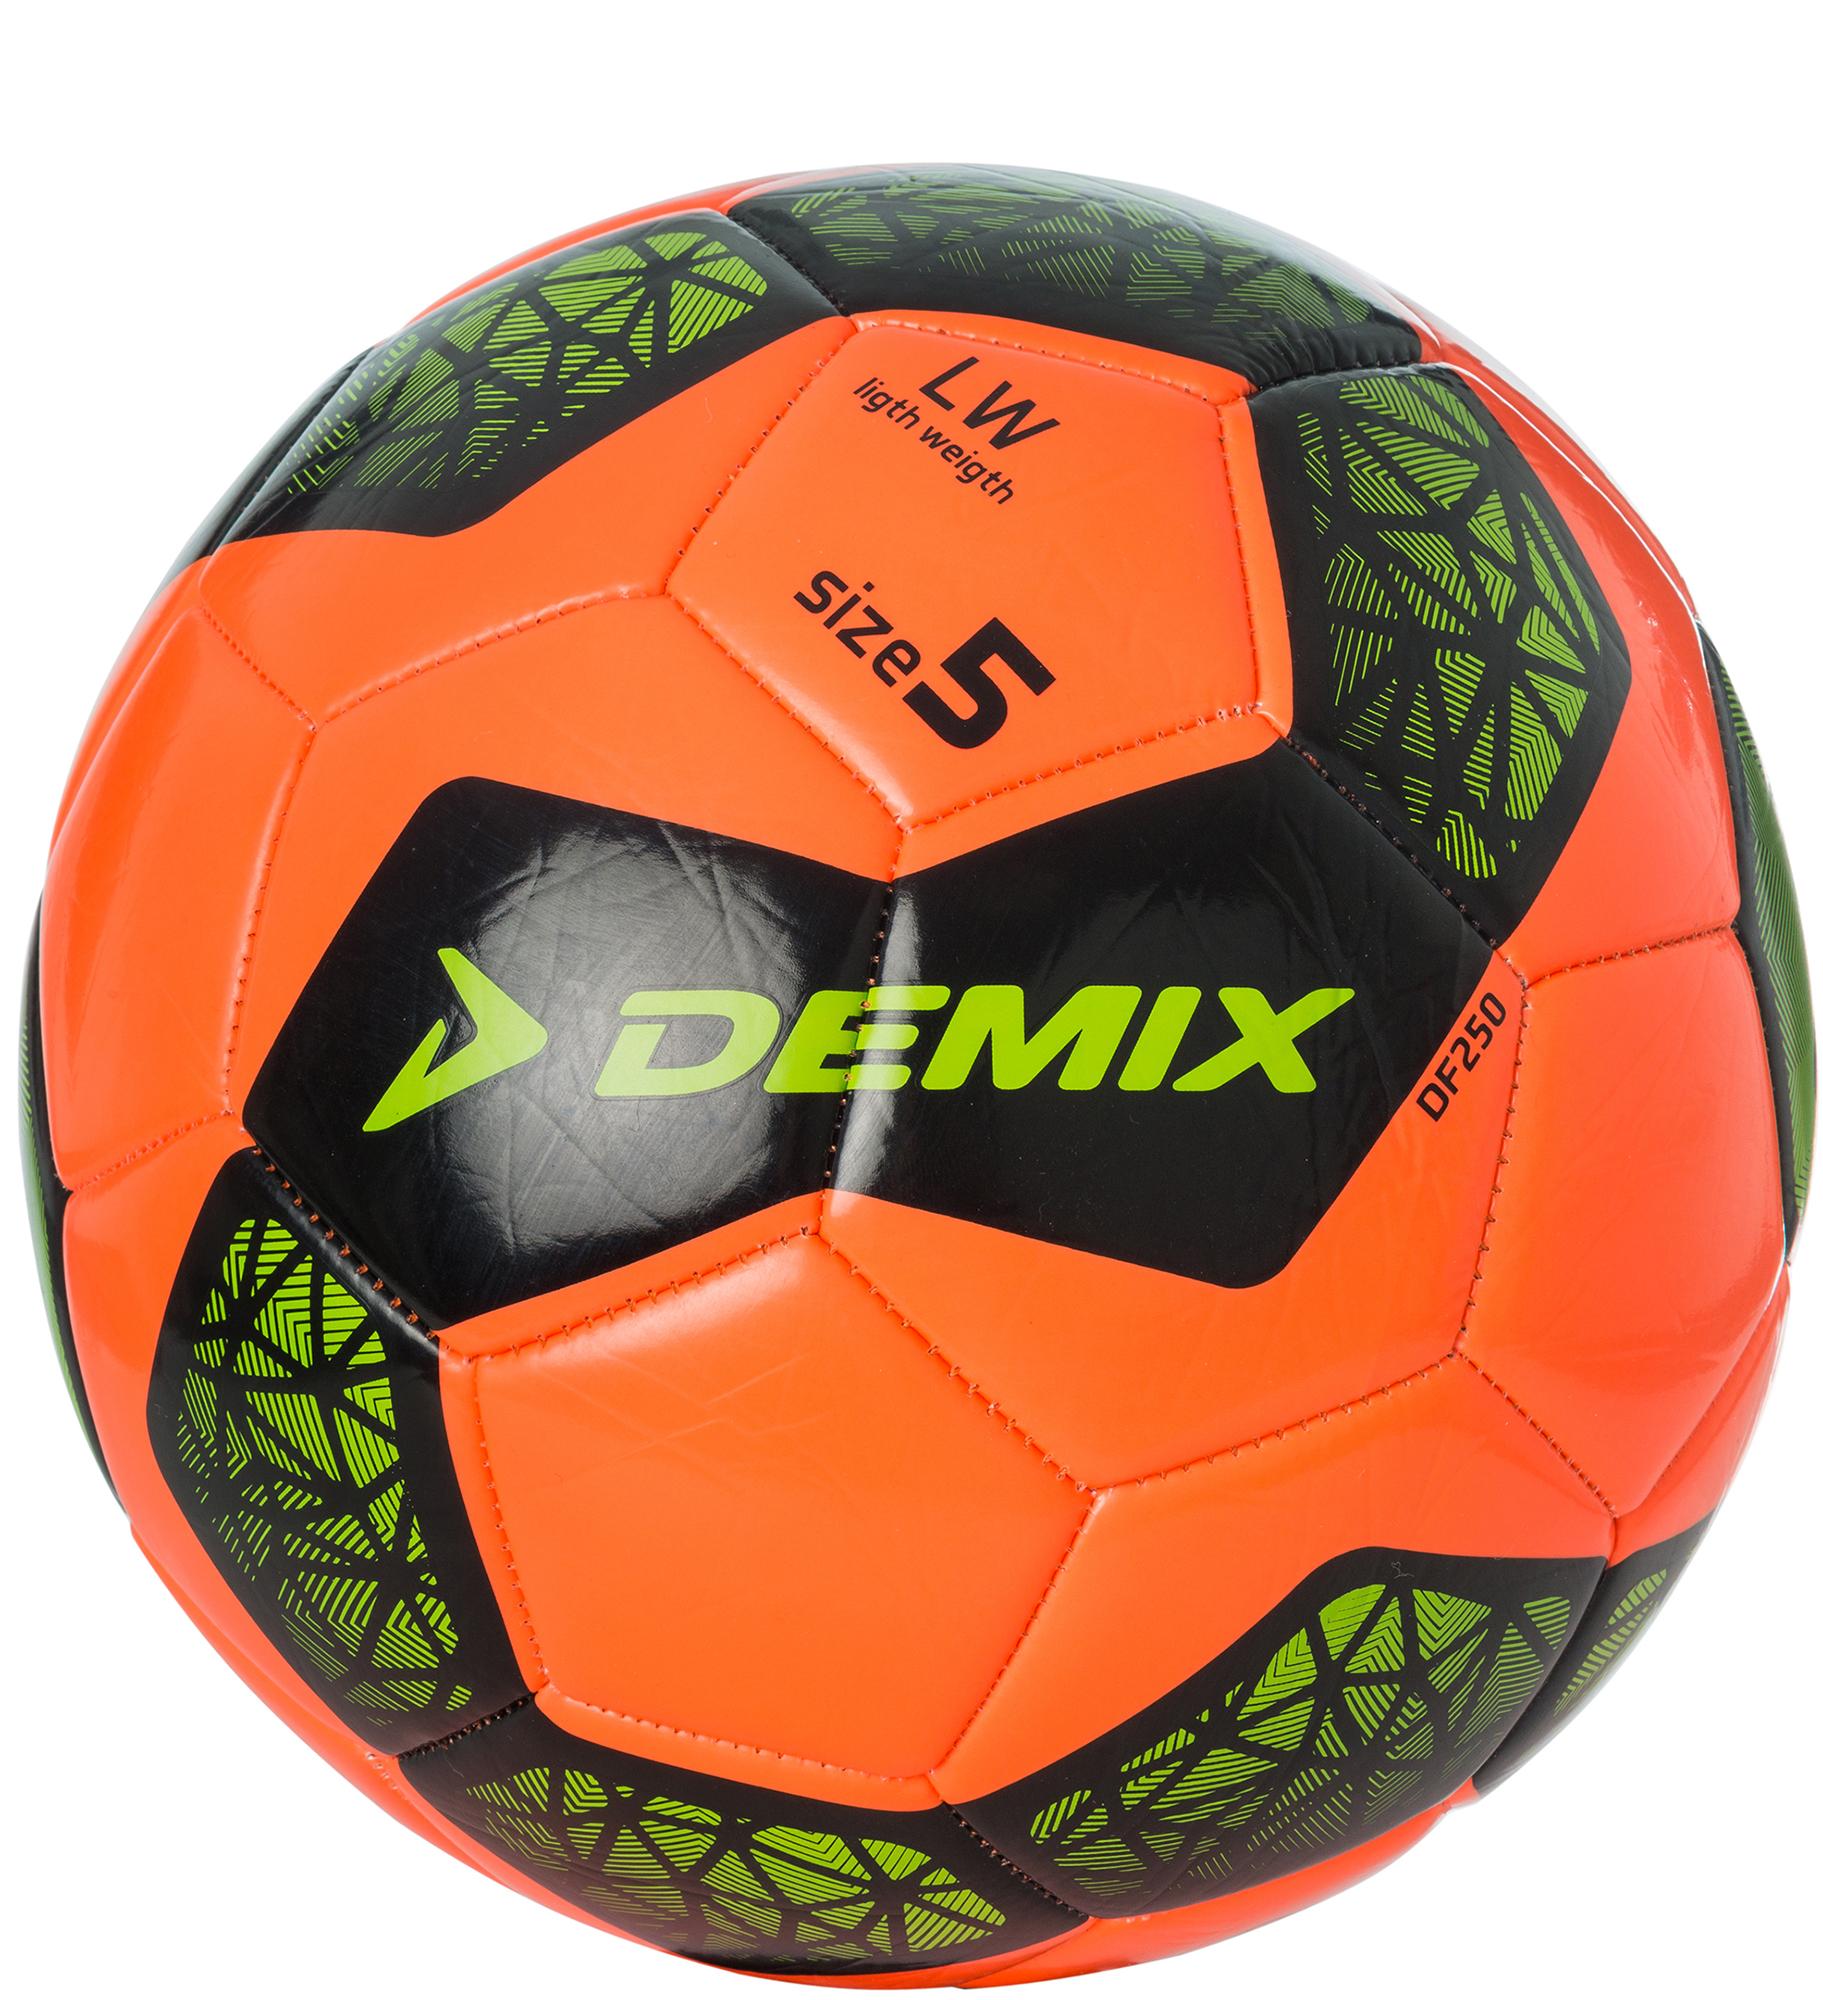 Demix Мяч футбольный Demix реквизит для детских игр